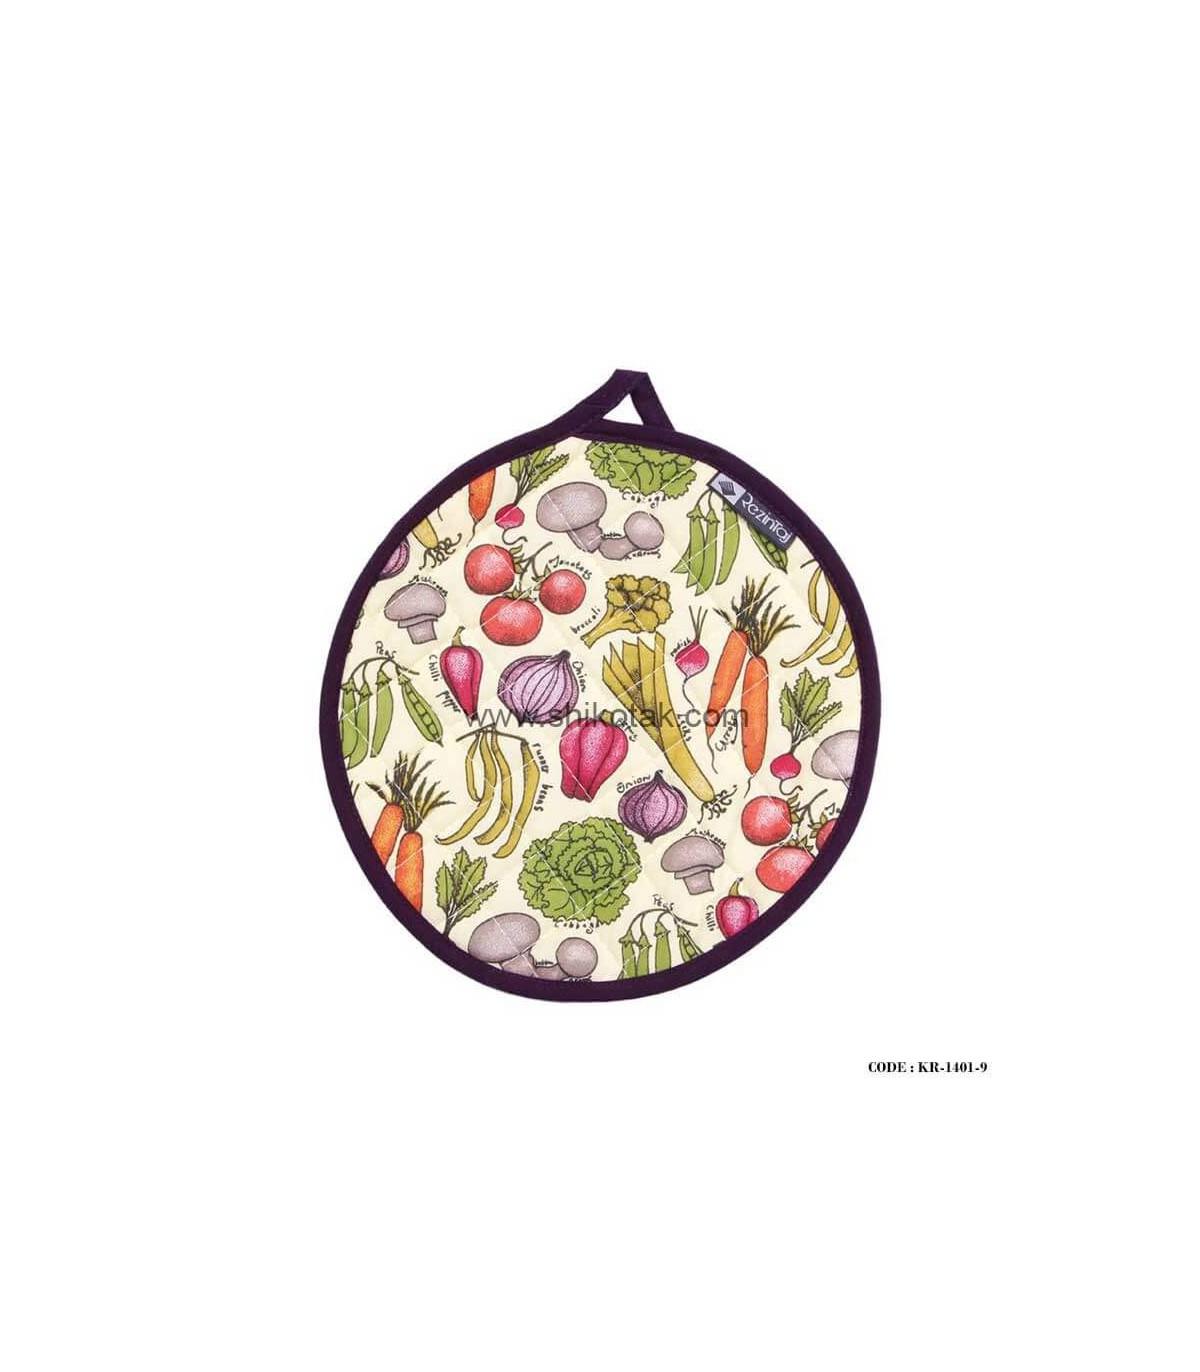 مدل دم کنی آشپزخانه طرح سبزیجات